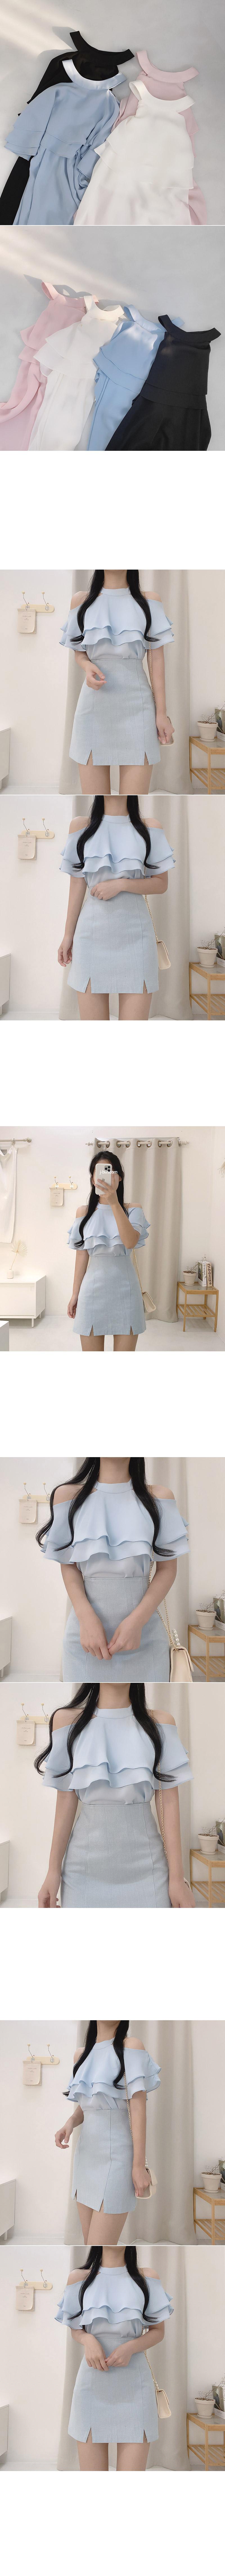 Yar halterneck blouse